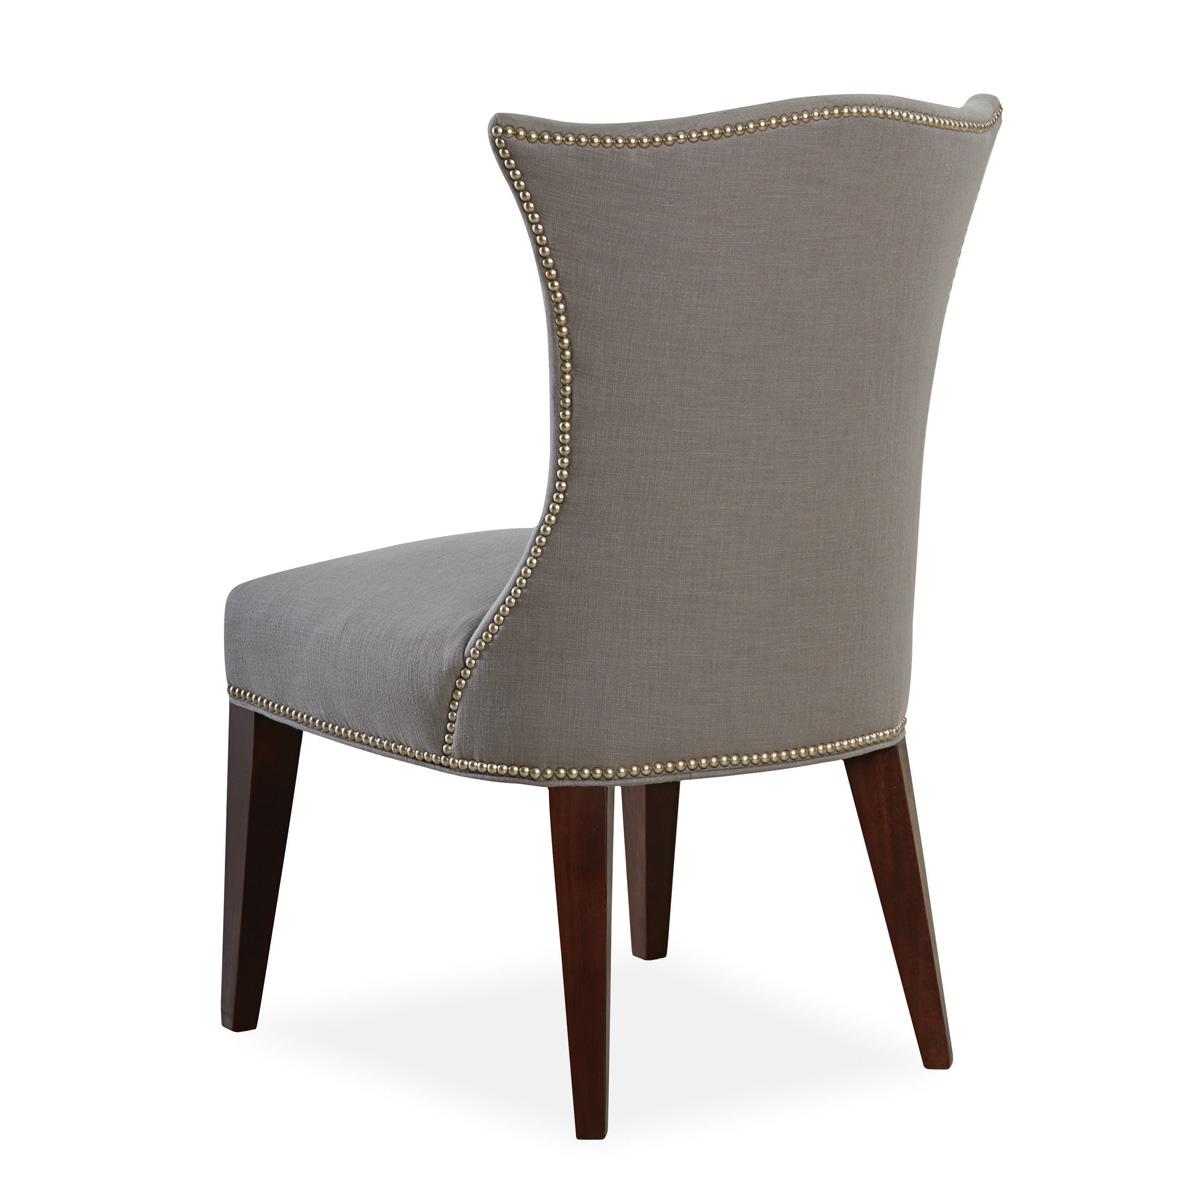 Dining_Chair_1297-01_back_Lee_Industries.jpg